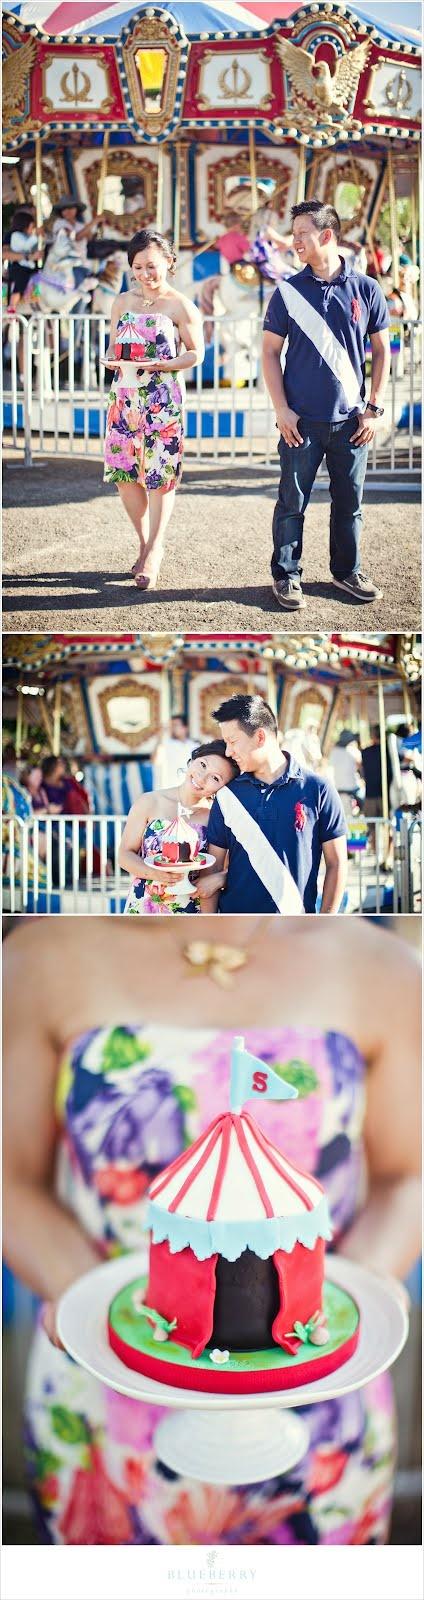 Marin County Fair engagement photos. So much fun!